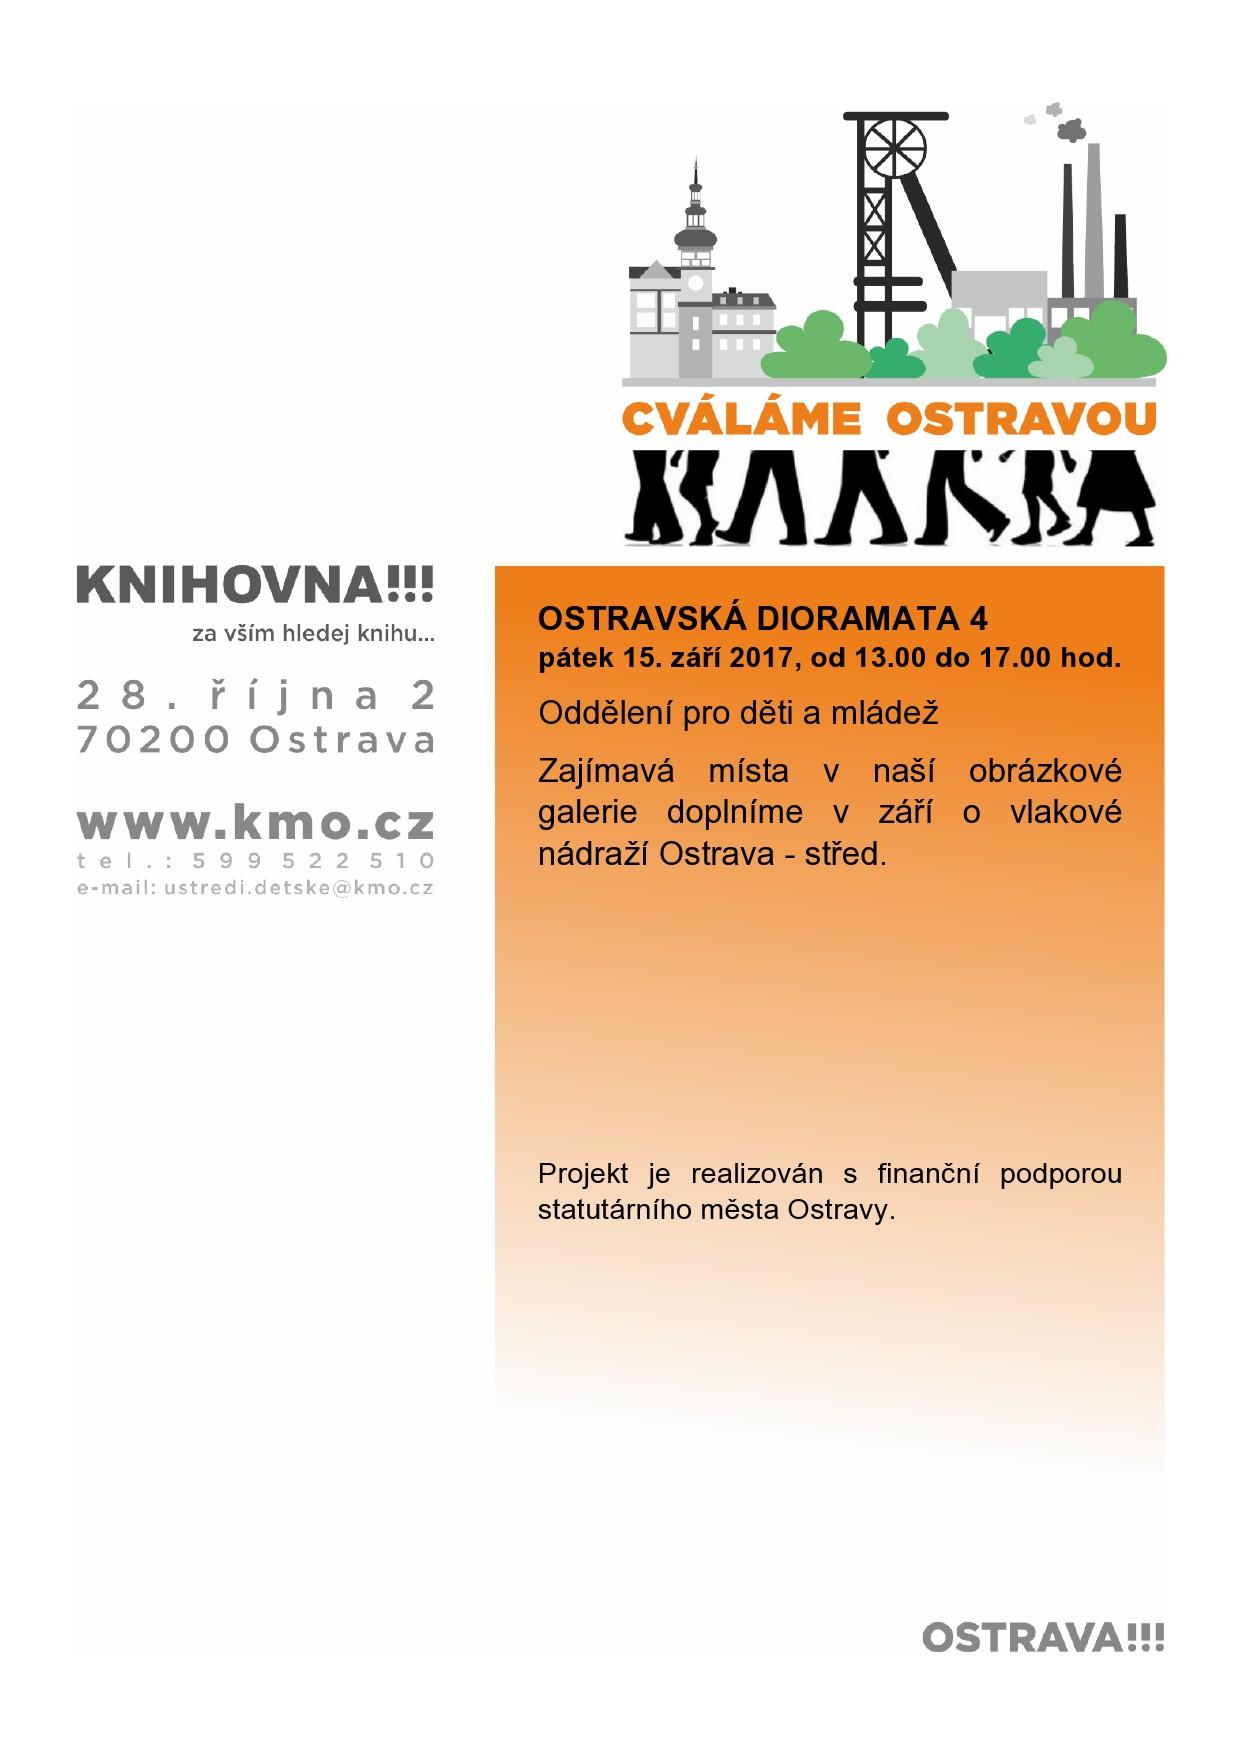 CVÁLÁME OSTRAVOU - Ostravská dioramata 4 Zajímavá místa v naší obrázkové galerie doplníme v září o vlakové nádraží Ostrava - střed.